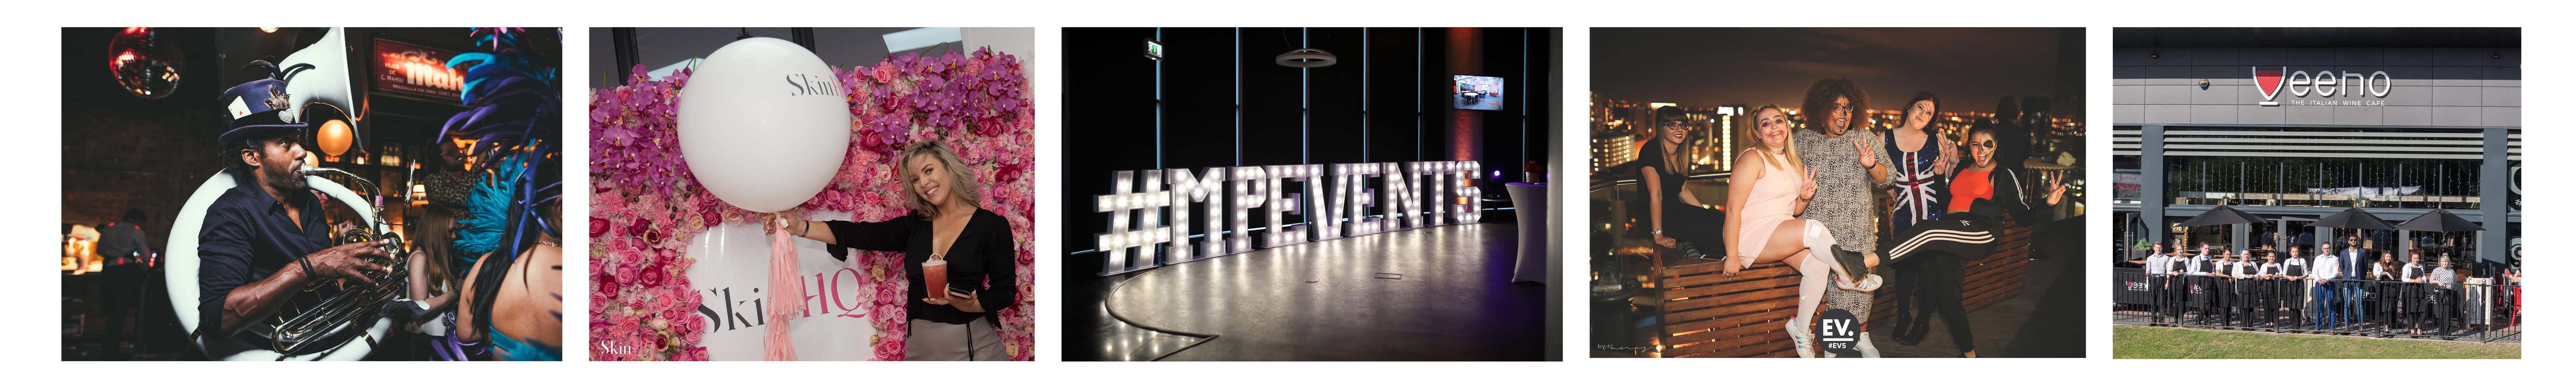 Launch Events, Event management Birmingham